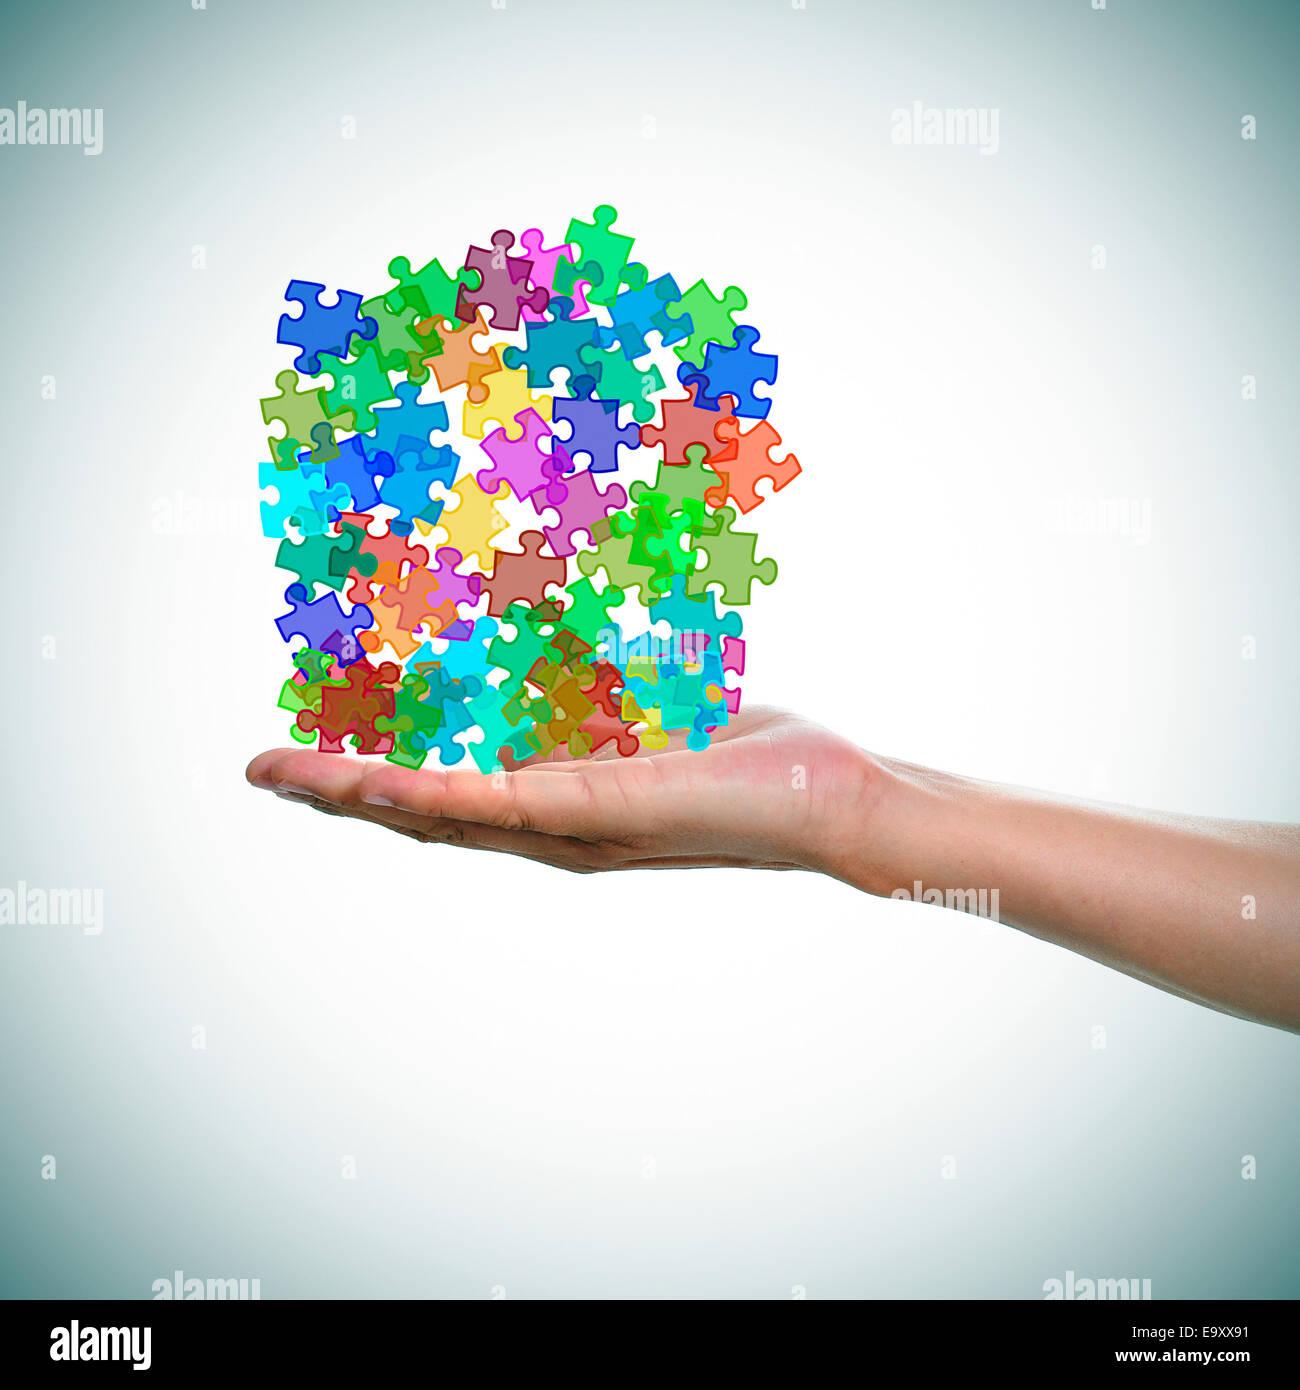 Un homme part avec un tas de pièces du puzzle de différentes couleurs comme le symbole de la sensibilisation Photo Stock